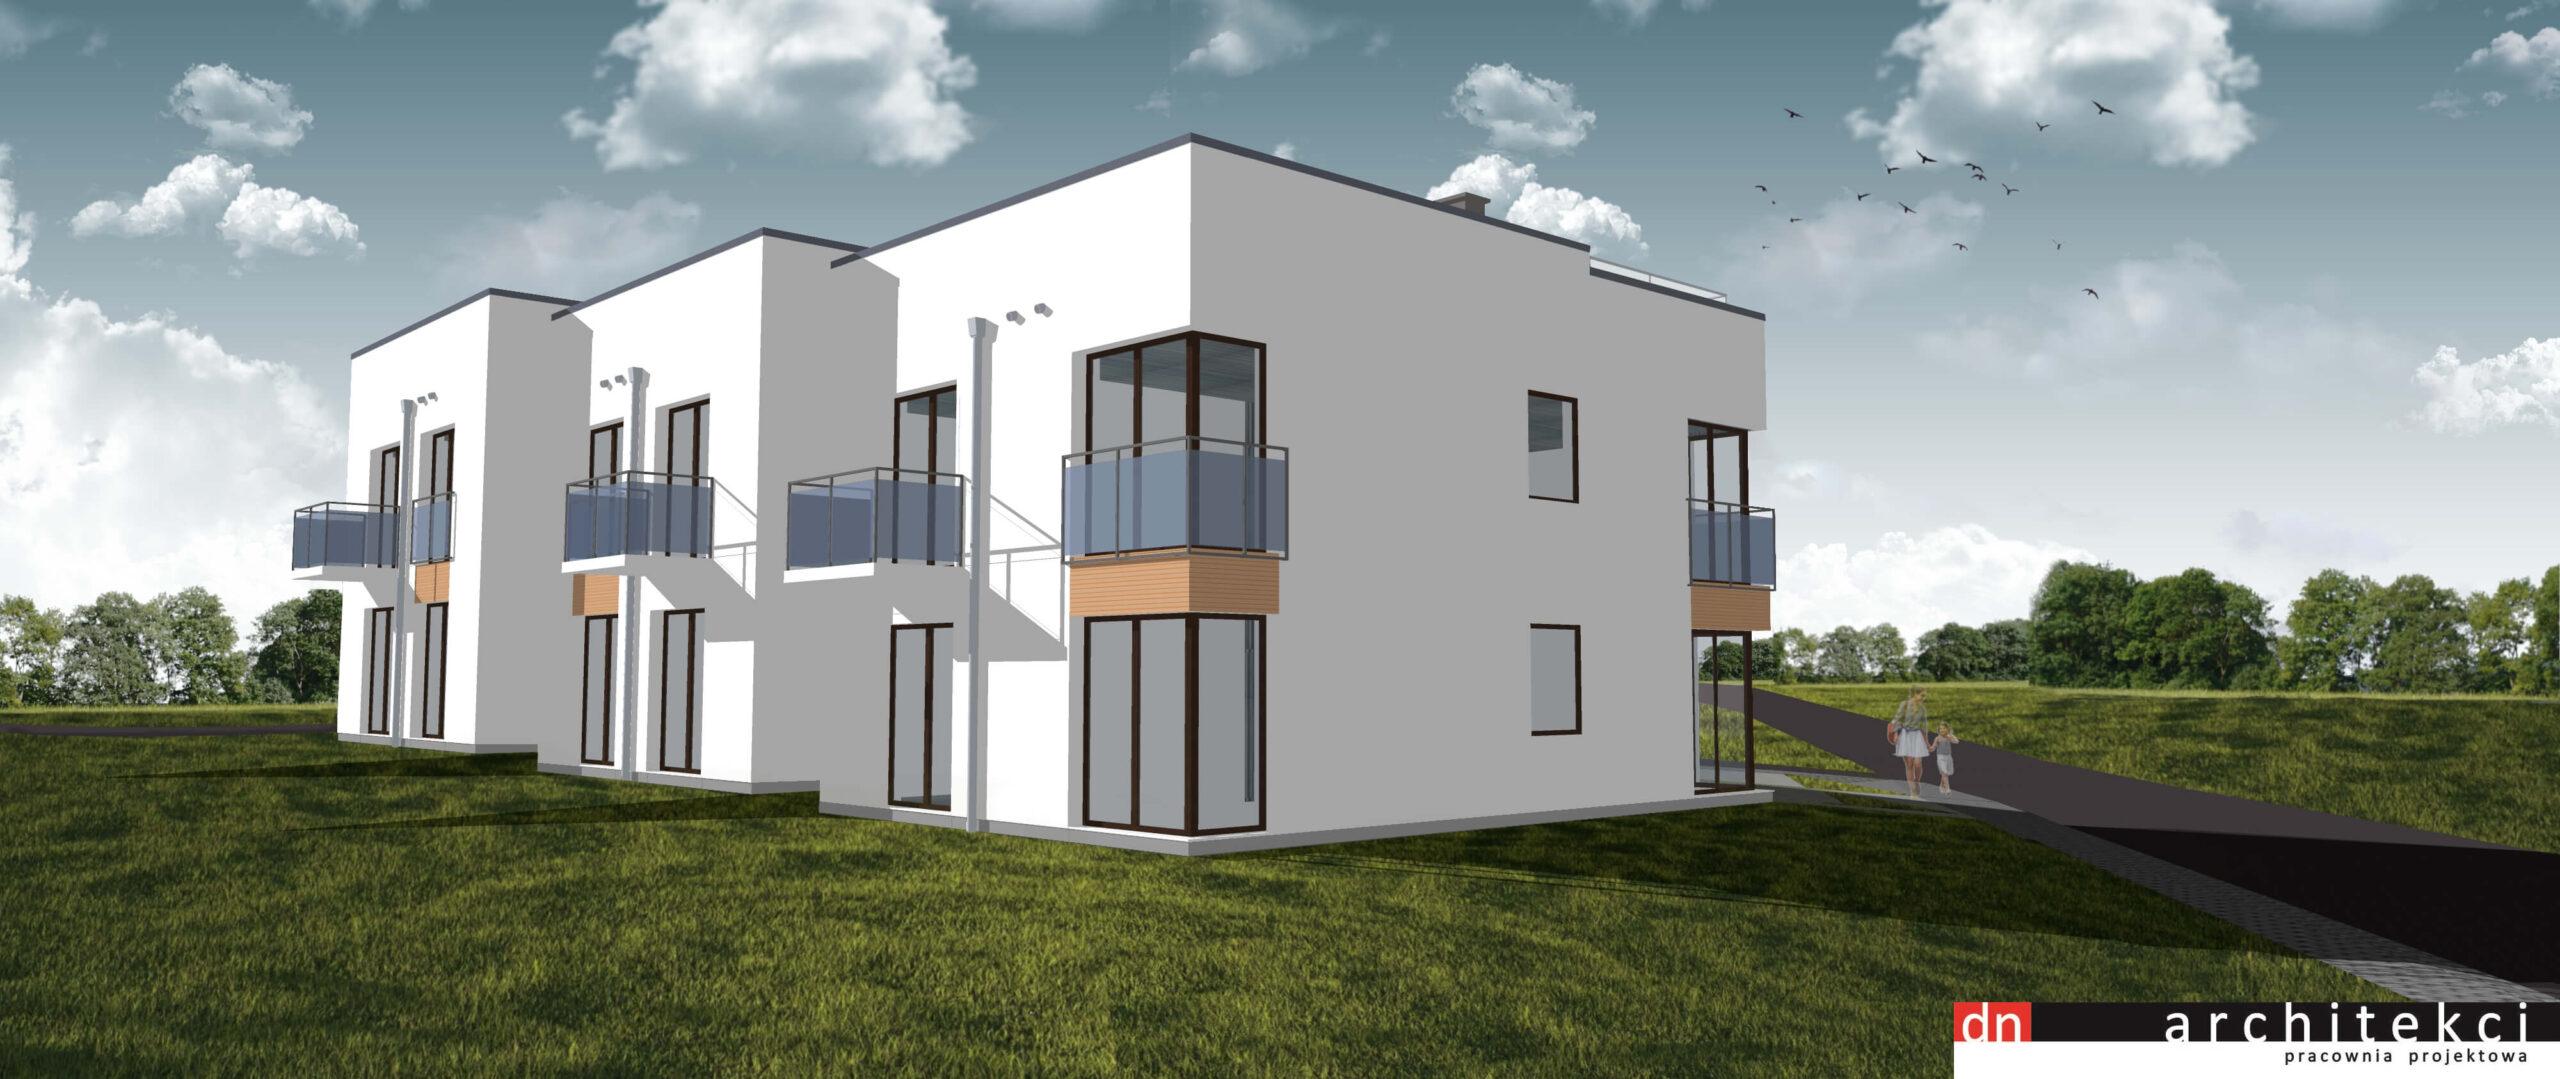 Wizualizacja - osiedle domków